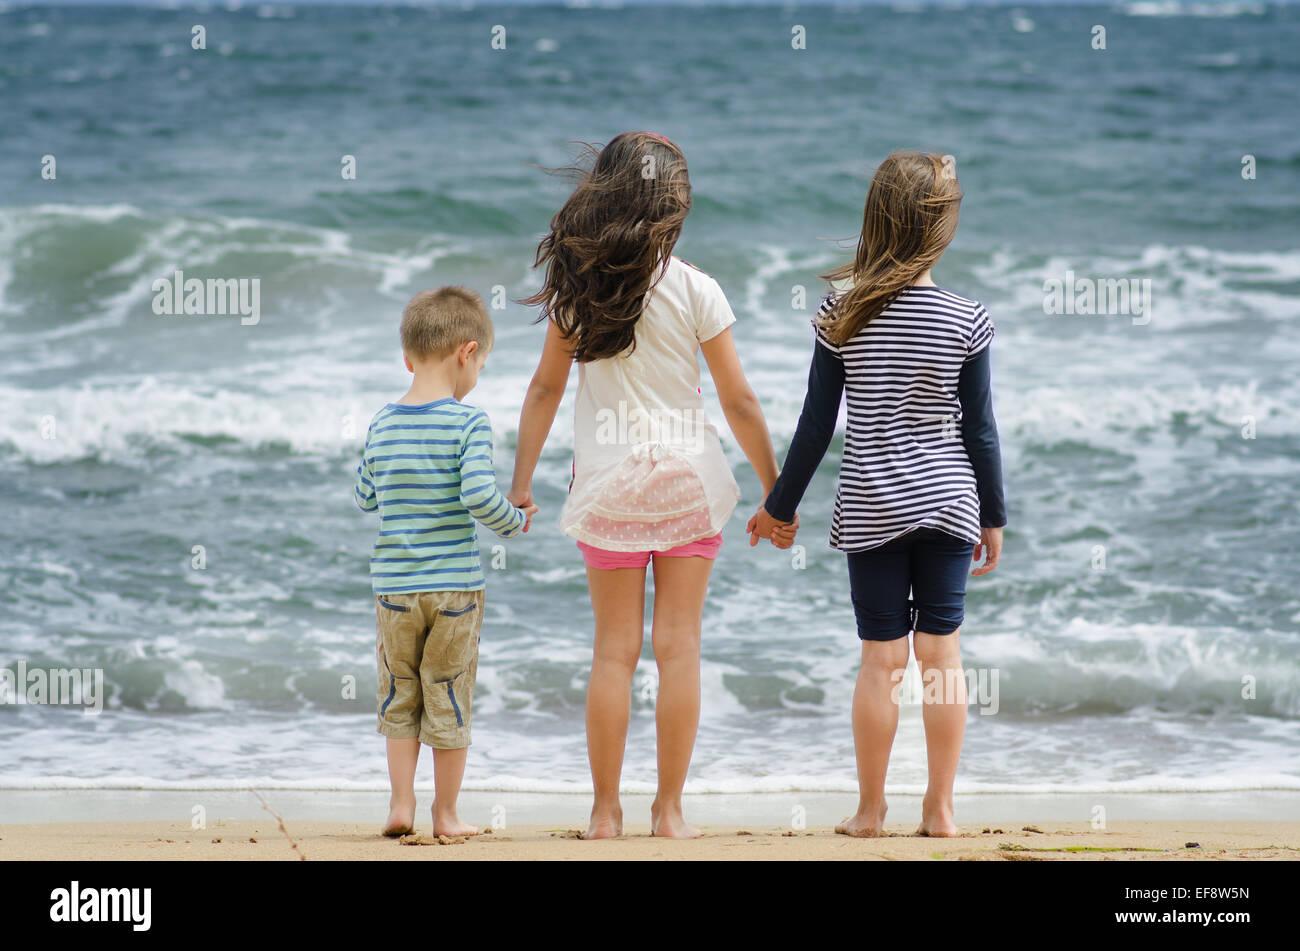 Bulgarien, zwei Mädchen (8-9) und junge (4-5) Stand am Surf Line Hand in Hand mit Blick auf Meer Stockbild